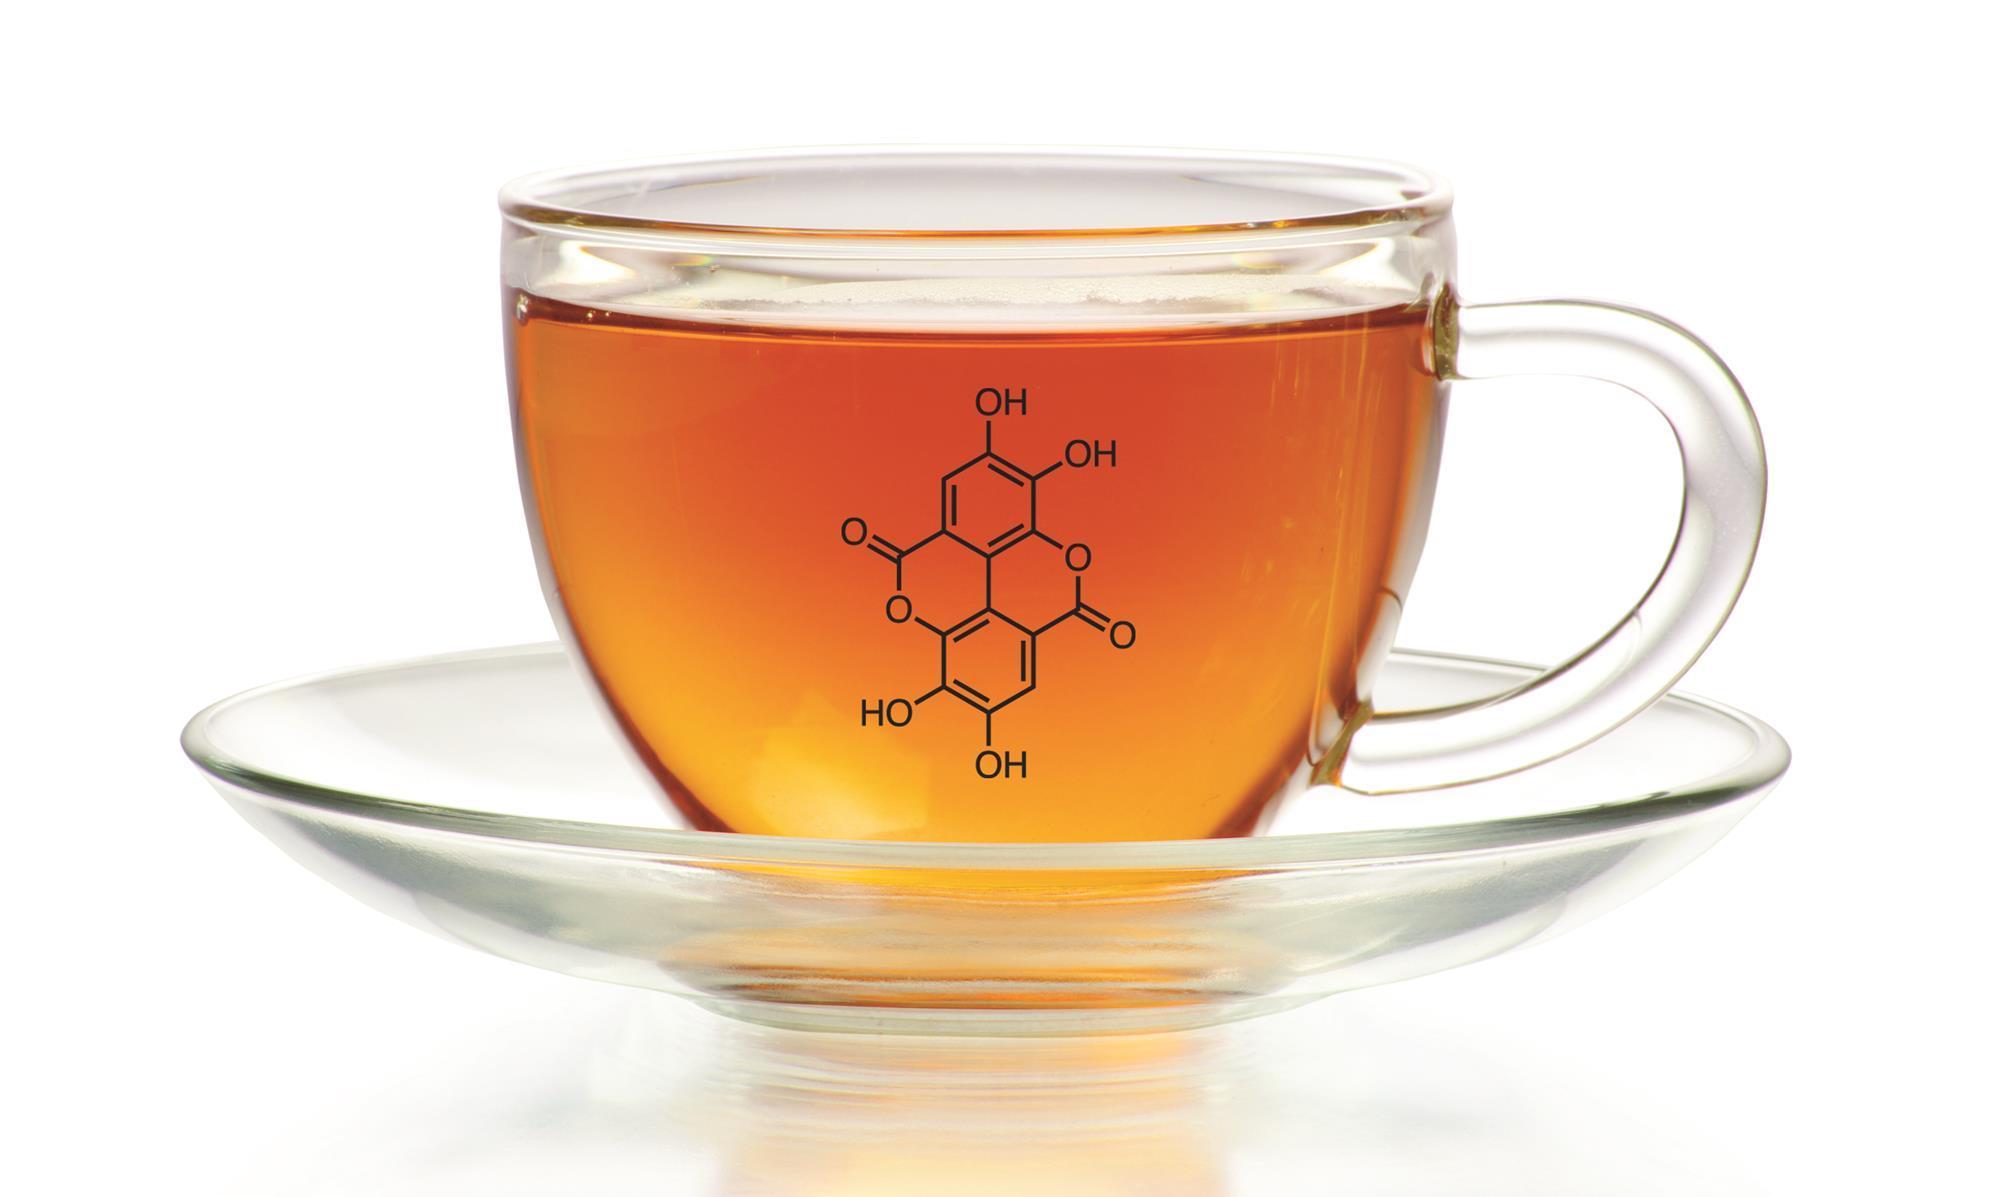 study of acidity of tea leaves